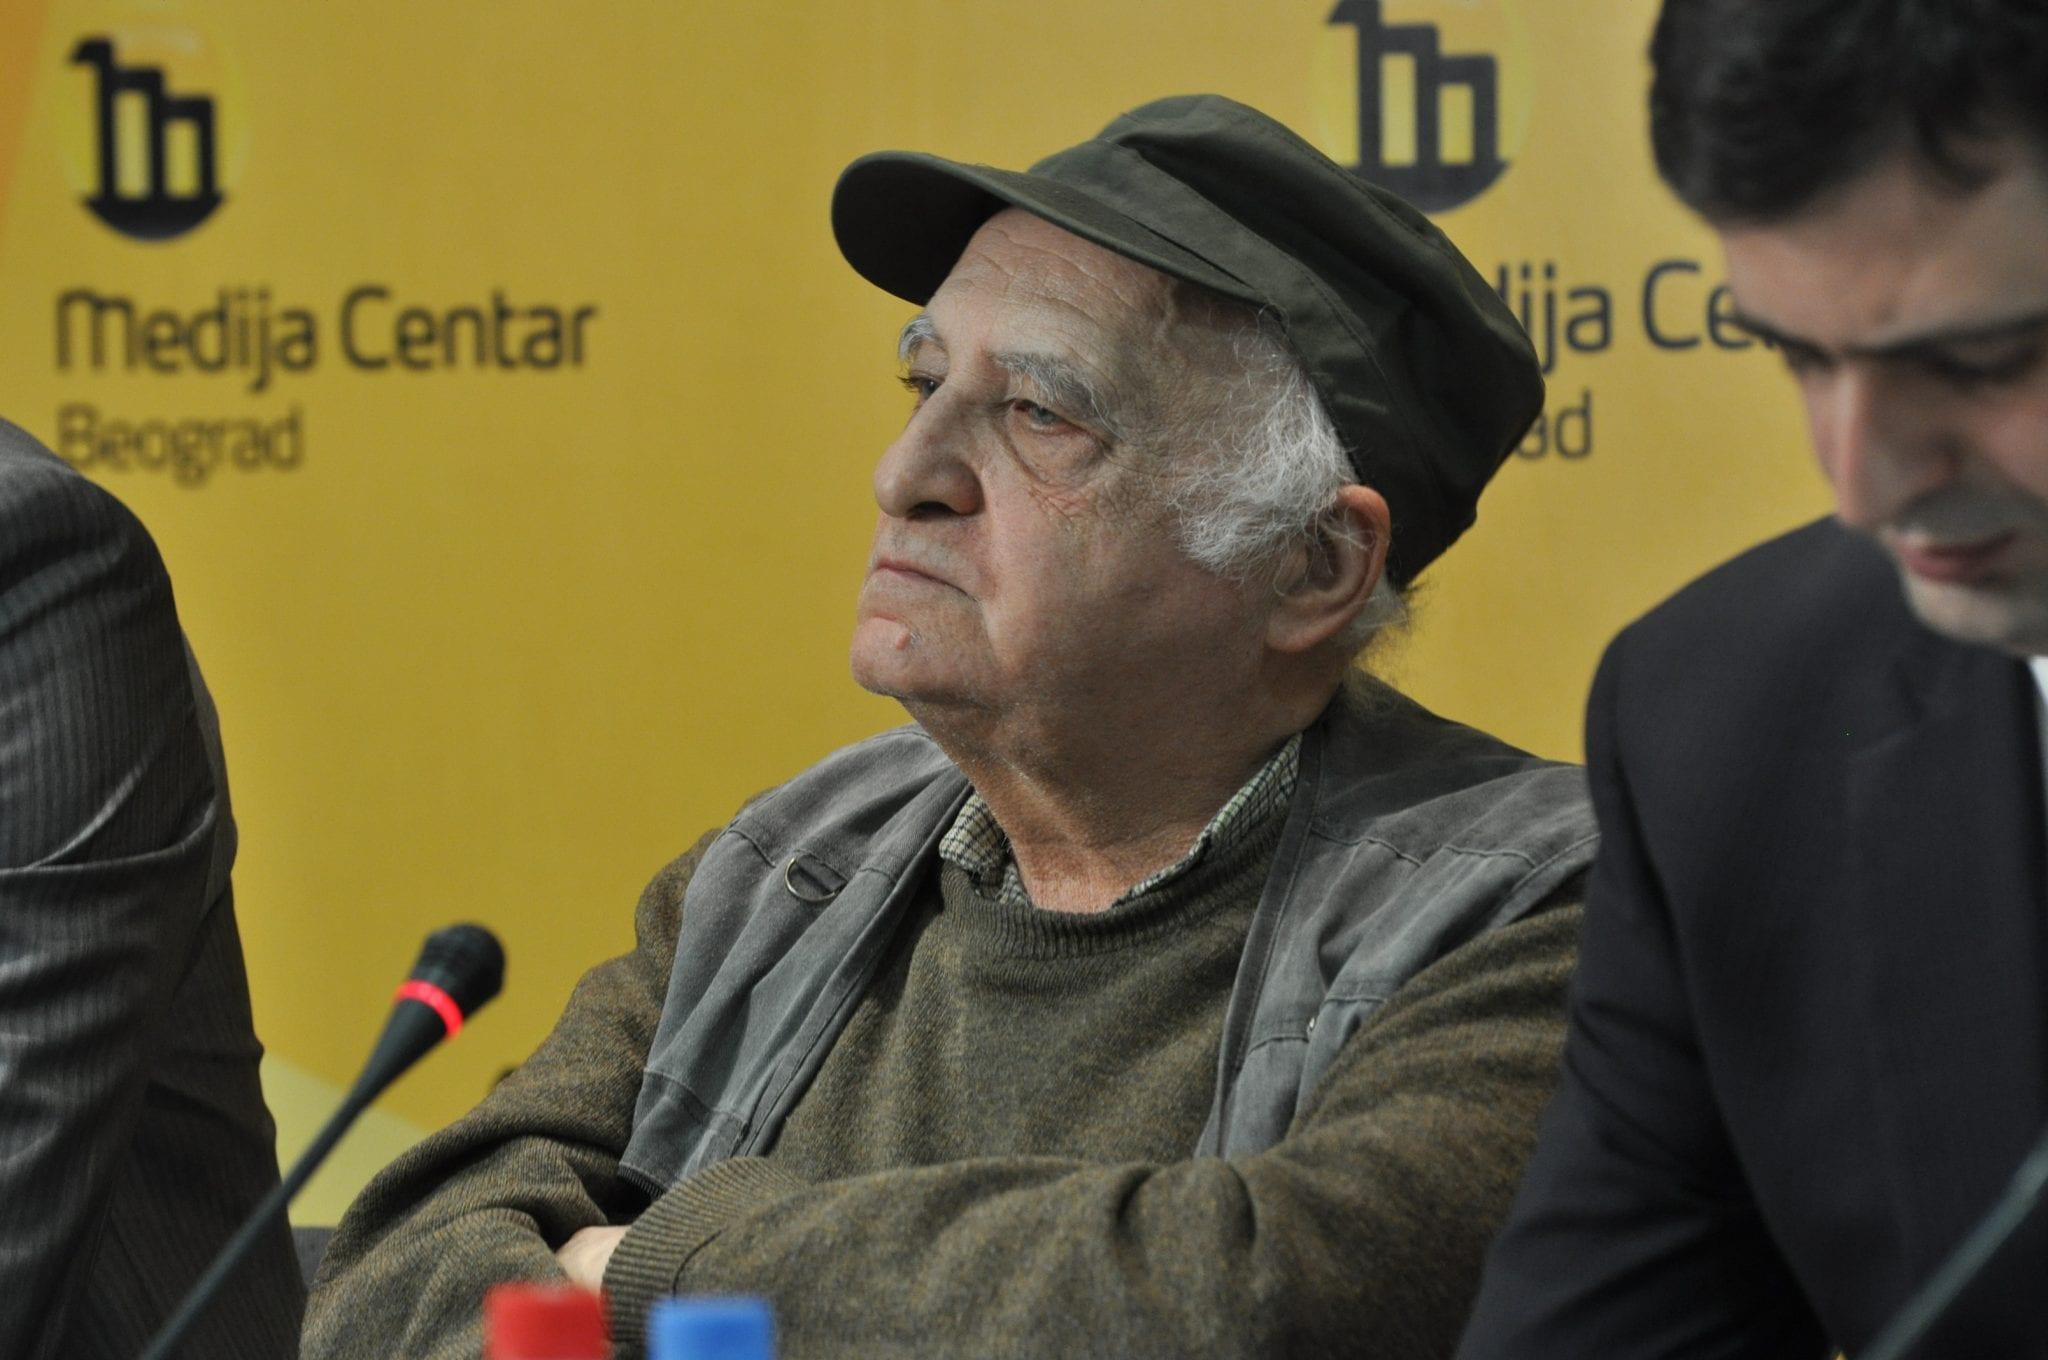 FILIP DAVID: NE POSTOJI KRITIČNA MASA ZA ULIČNE PROTESTE U SRBIJI